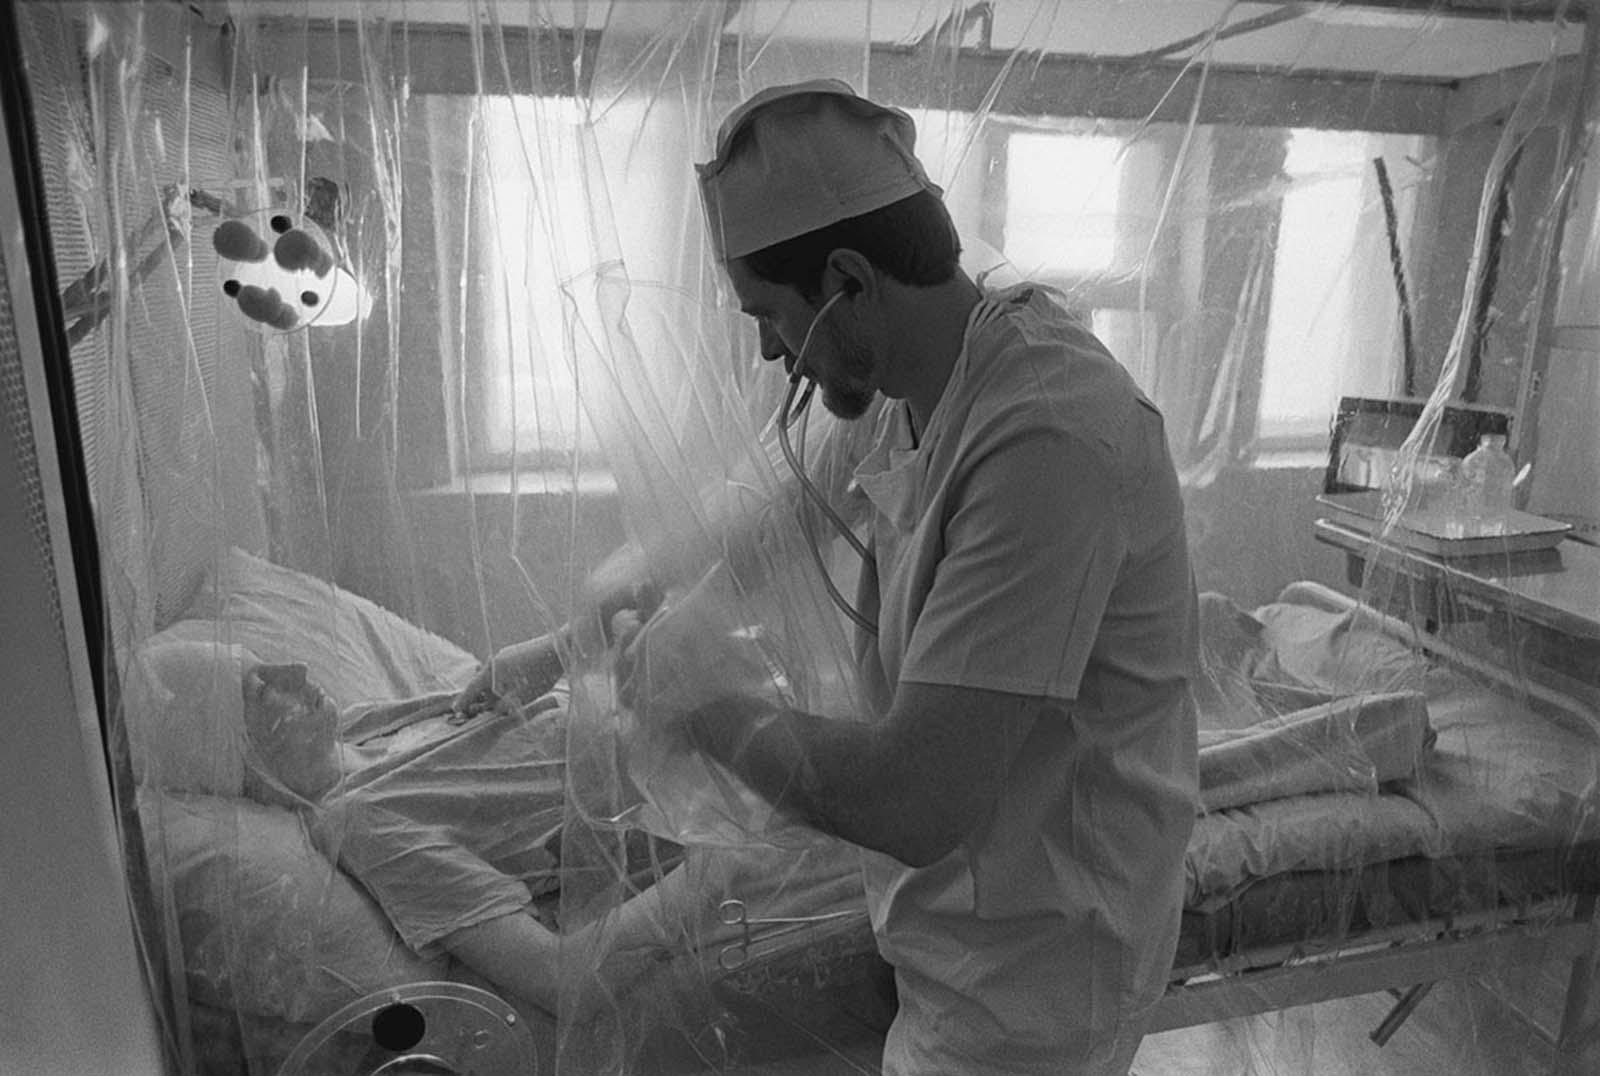 В Московска шеста клиника, специализирана за лечение вследствие на излагане на радиация, пациент се възстановява в стерилна стая след трансплантация на костен мозък.